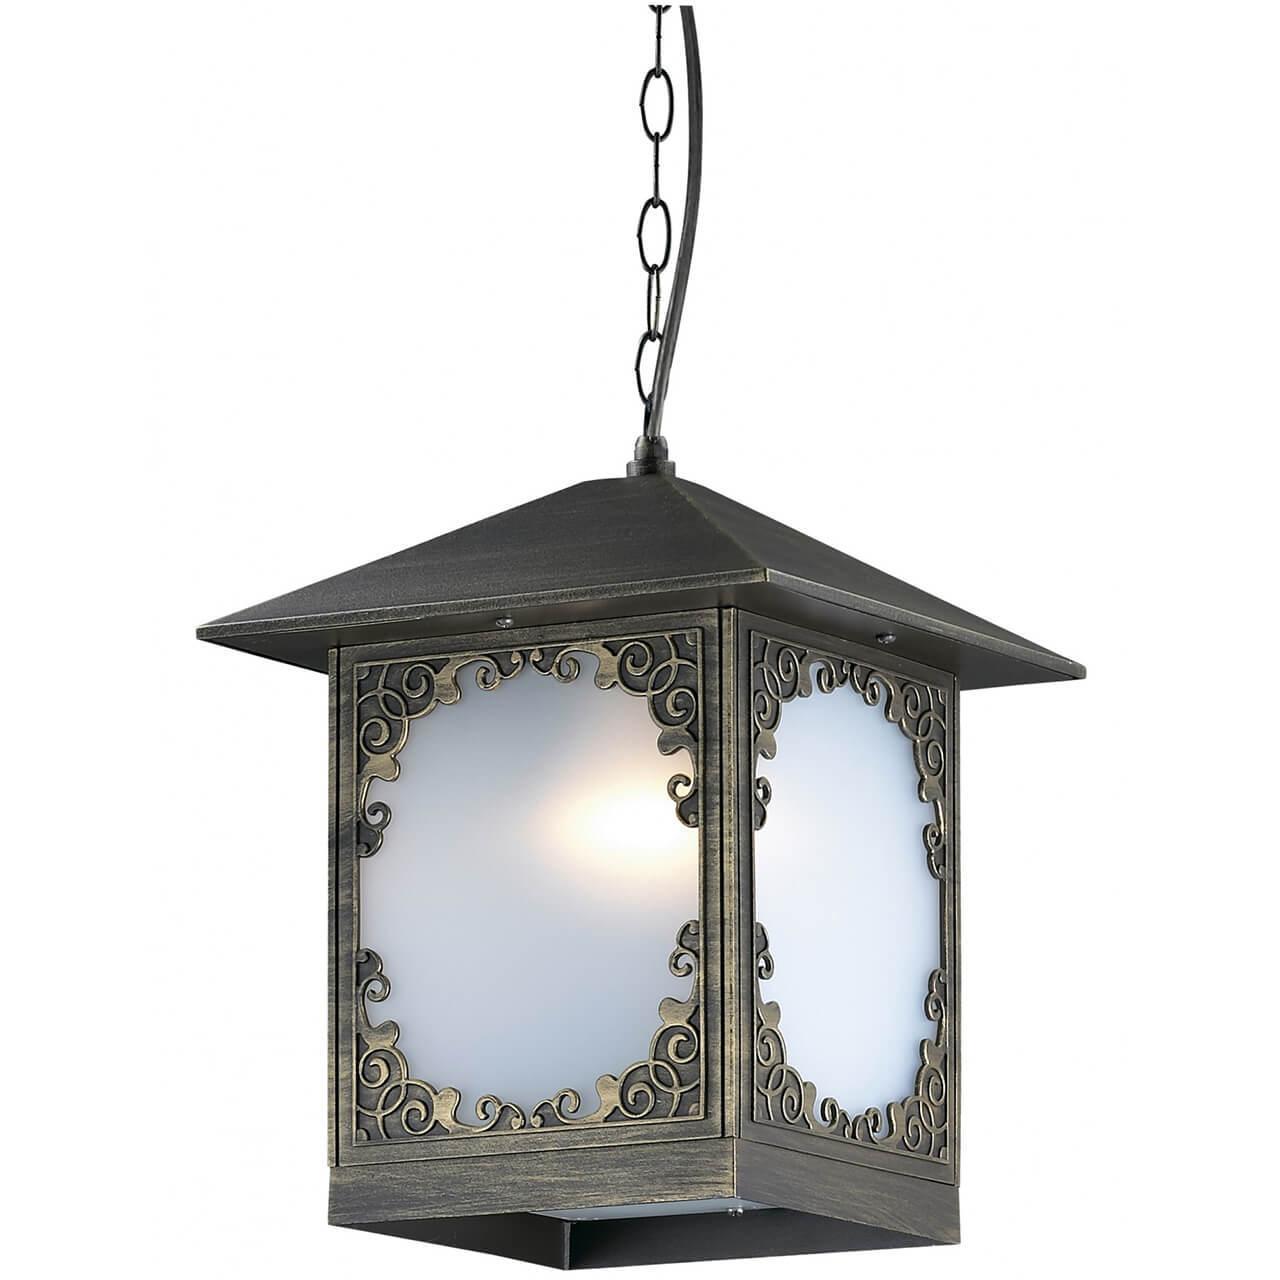 Уличный подвесной светильник Odeon Light Visma 2747/1 уличный светильник на столбе коллекция visma 2747 1a коричневый odeon light одеон лайт